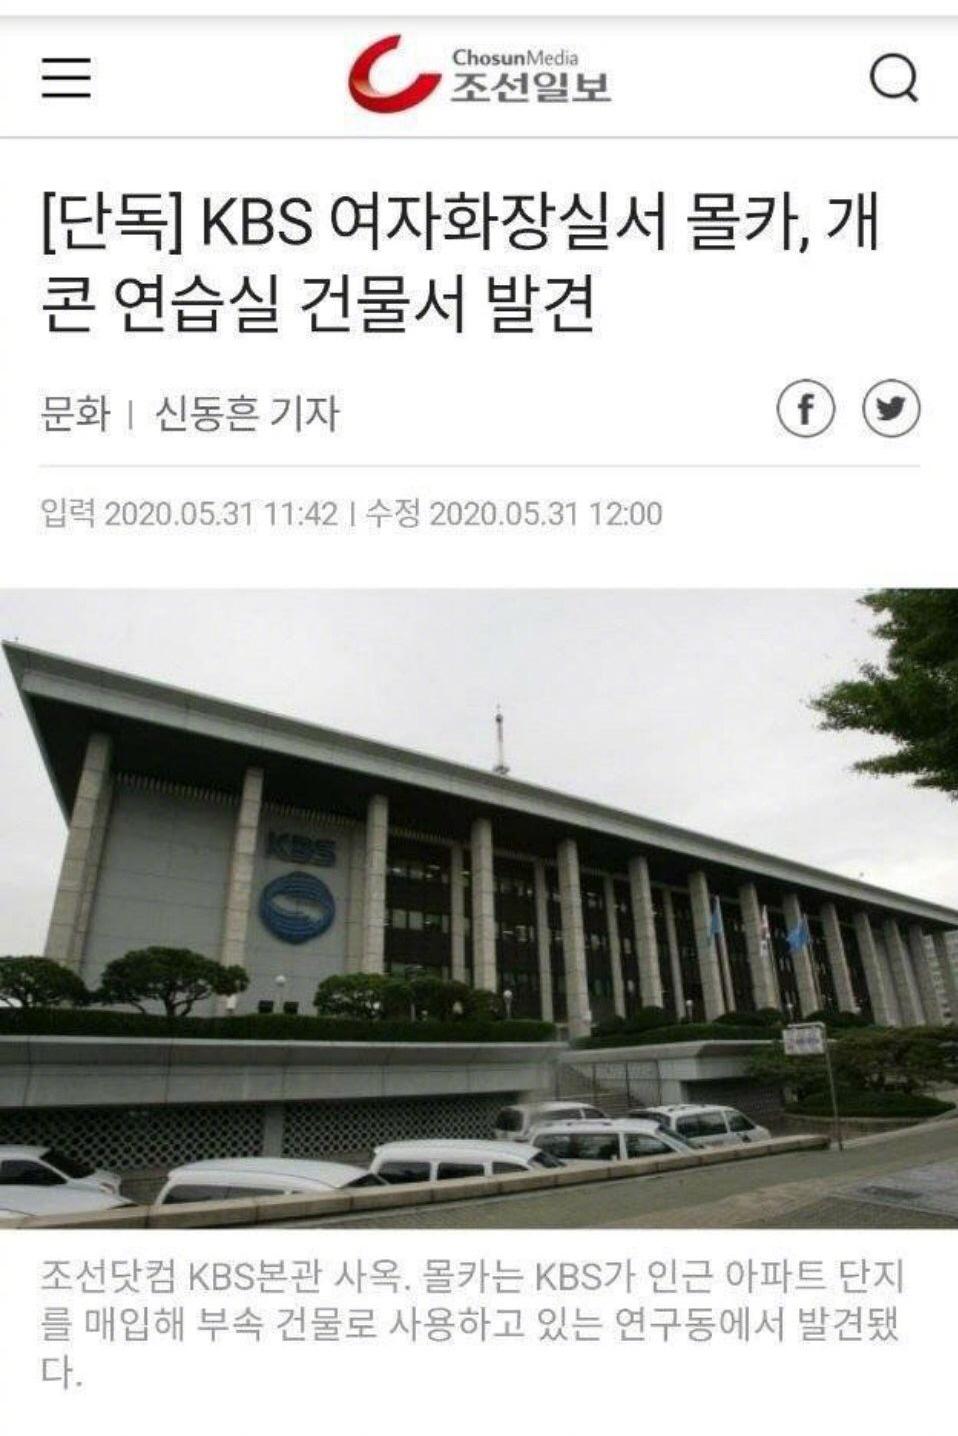 有媒体爆料KBS大楼发现隐藏摄像机,包括女厕所等地方